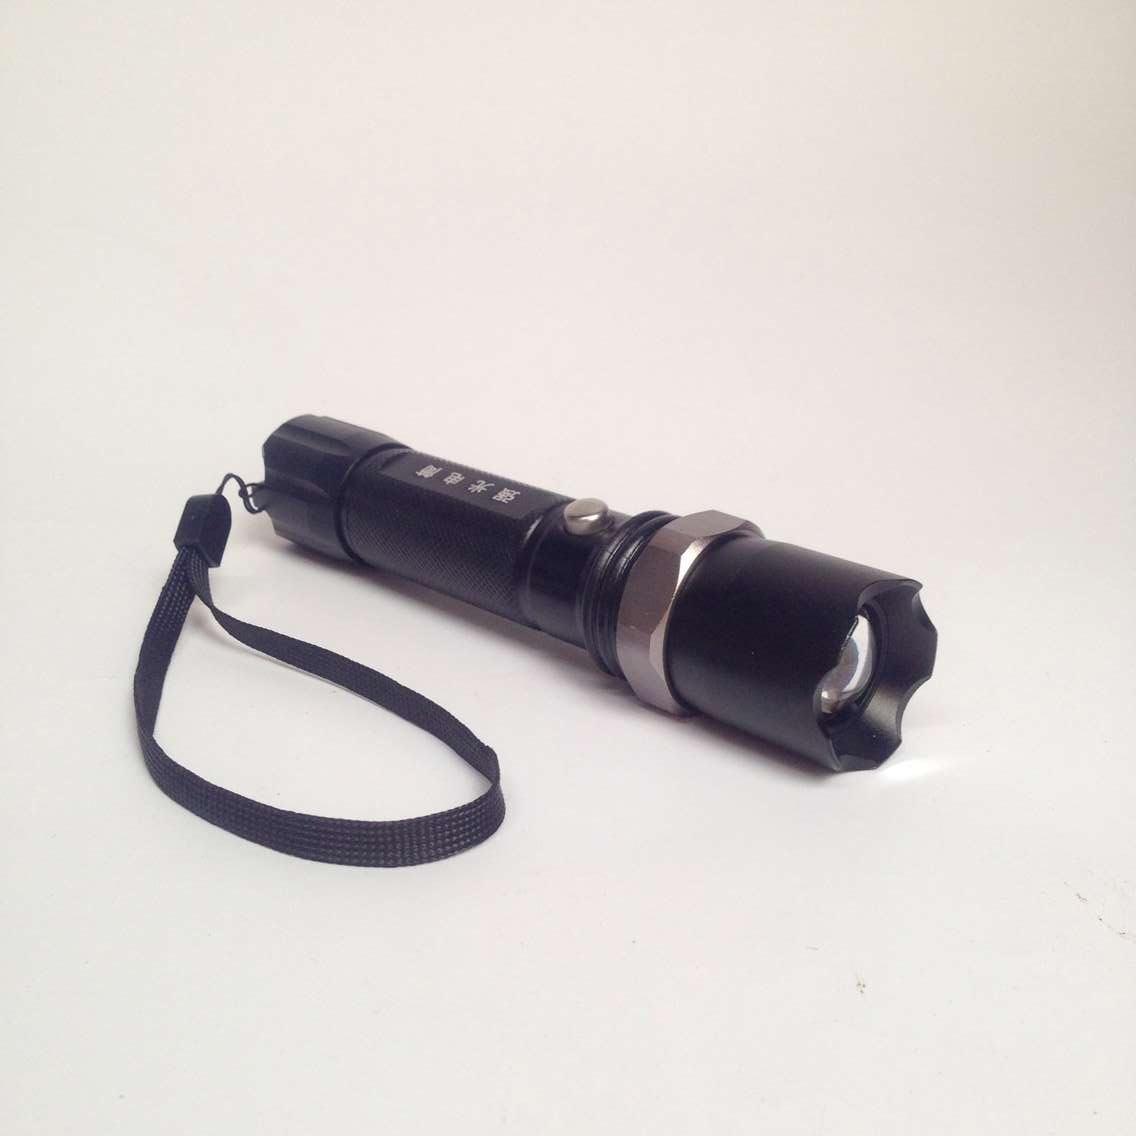 消防手電筒強光LED遠射手電 攜帶式照明燈可充電消防頭盔可用包郵